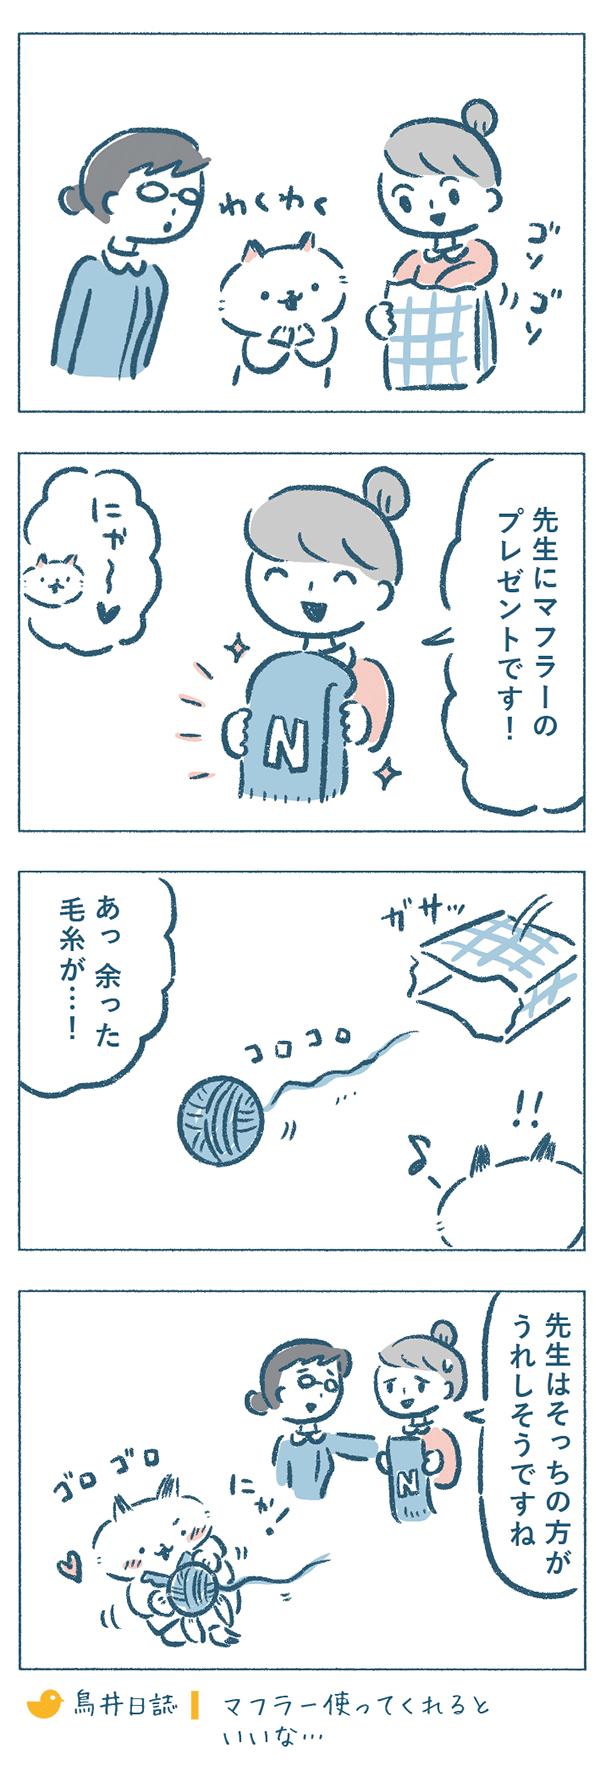 熊野さんとねこやま先生は奈央子の持ってきたものに興味津々。奈央子が出したのは、ねこやま先生のイニシャルの入った手編みのマフラーでした。プレゼントを喜ぶねこやま先生でしたが、余った毛糸がころころと袋から出てくるのを見つけて、毛玉に飛びつくと、マフラーのことも忘れて夢中になってしまうのでした。「先生はそっちの方がうれしそうですね。」と複雑な気持ちで見つめる奈央子なのでした。